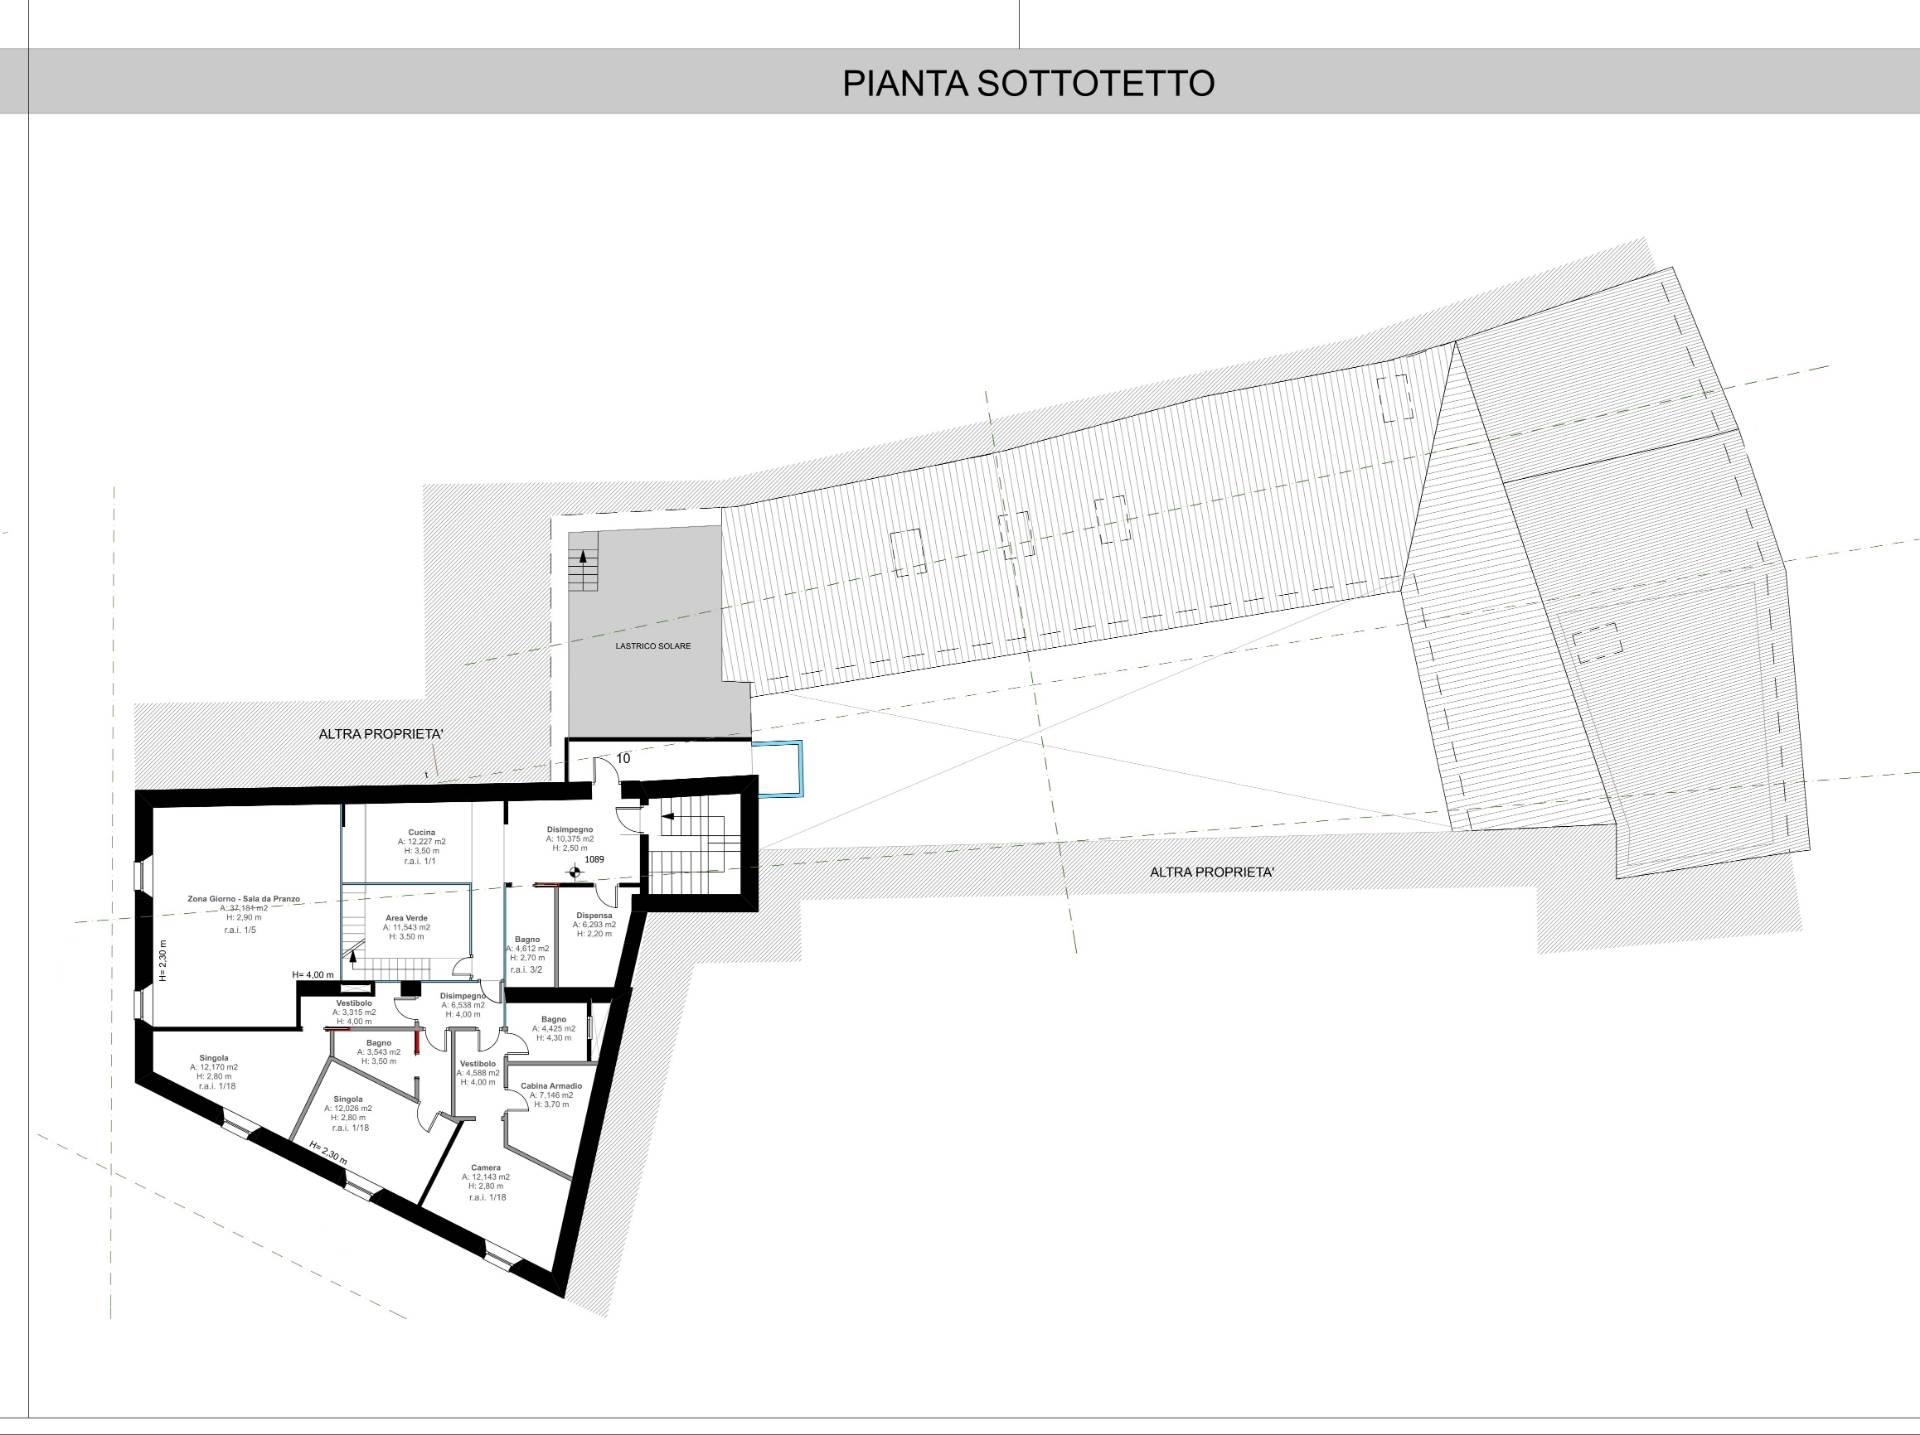 Attico in Vendita a Desenzano Del Garda: 4 locali, 263 mq - Foto 12